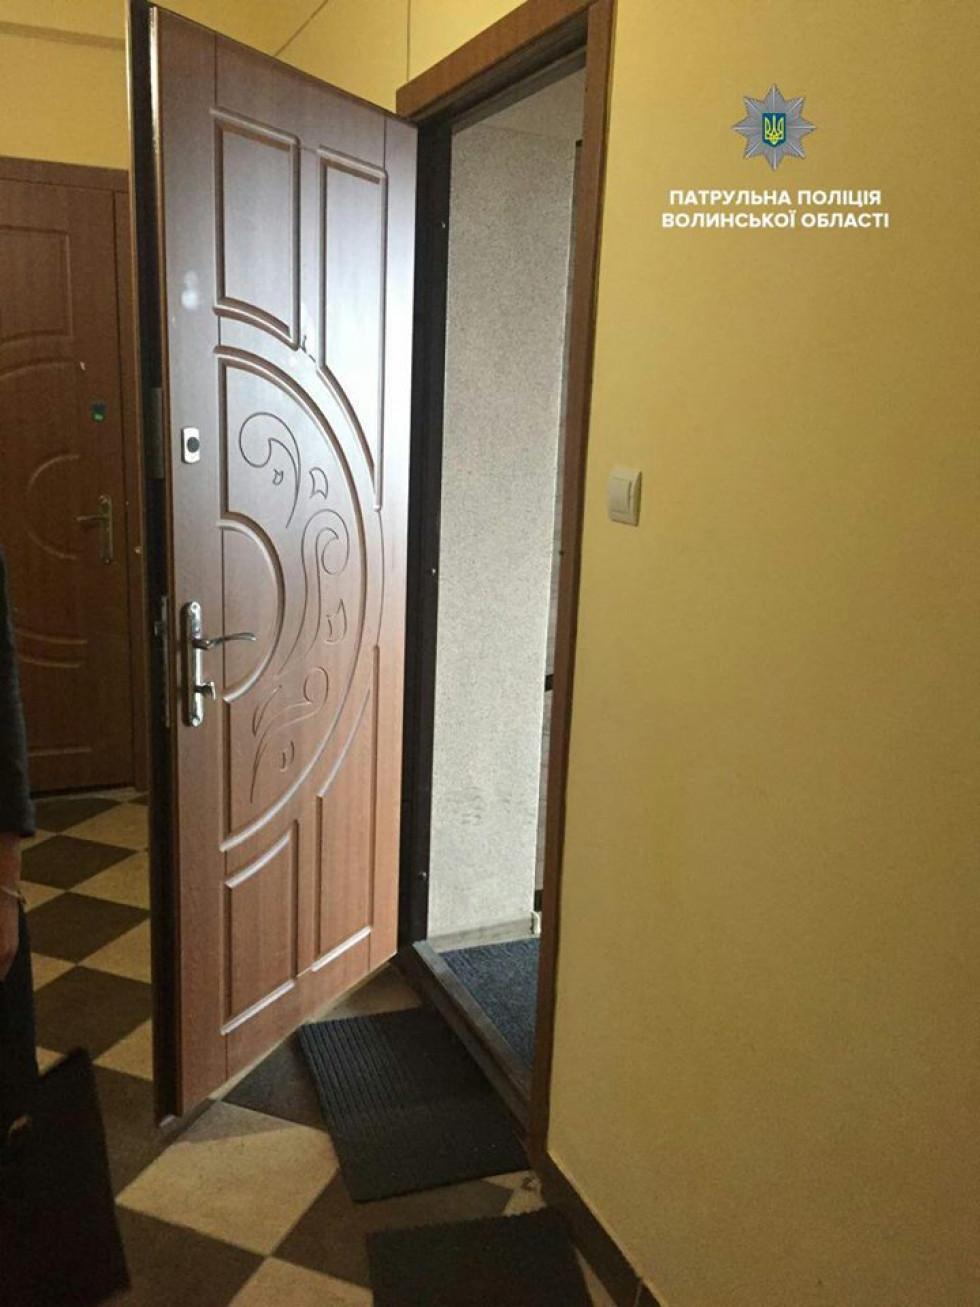 Відкриті двері помешкання